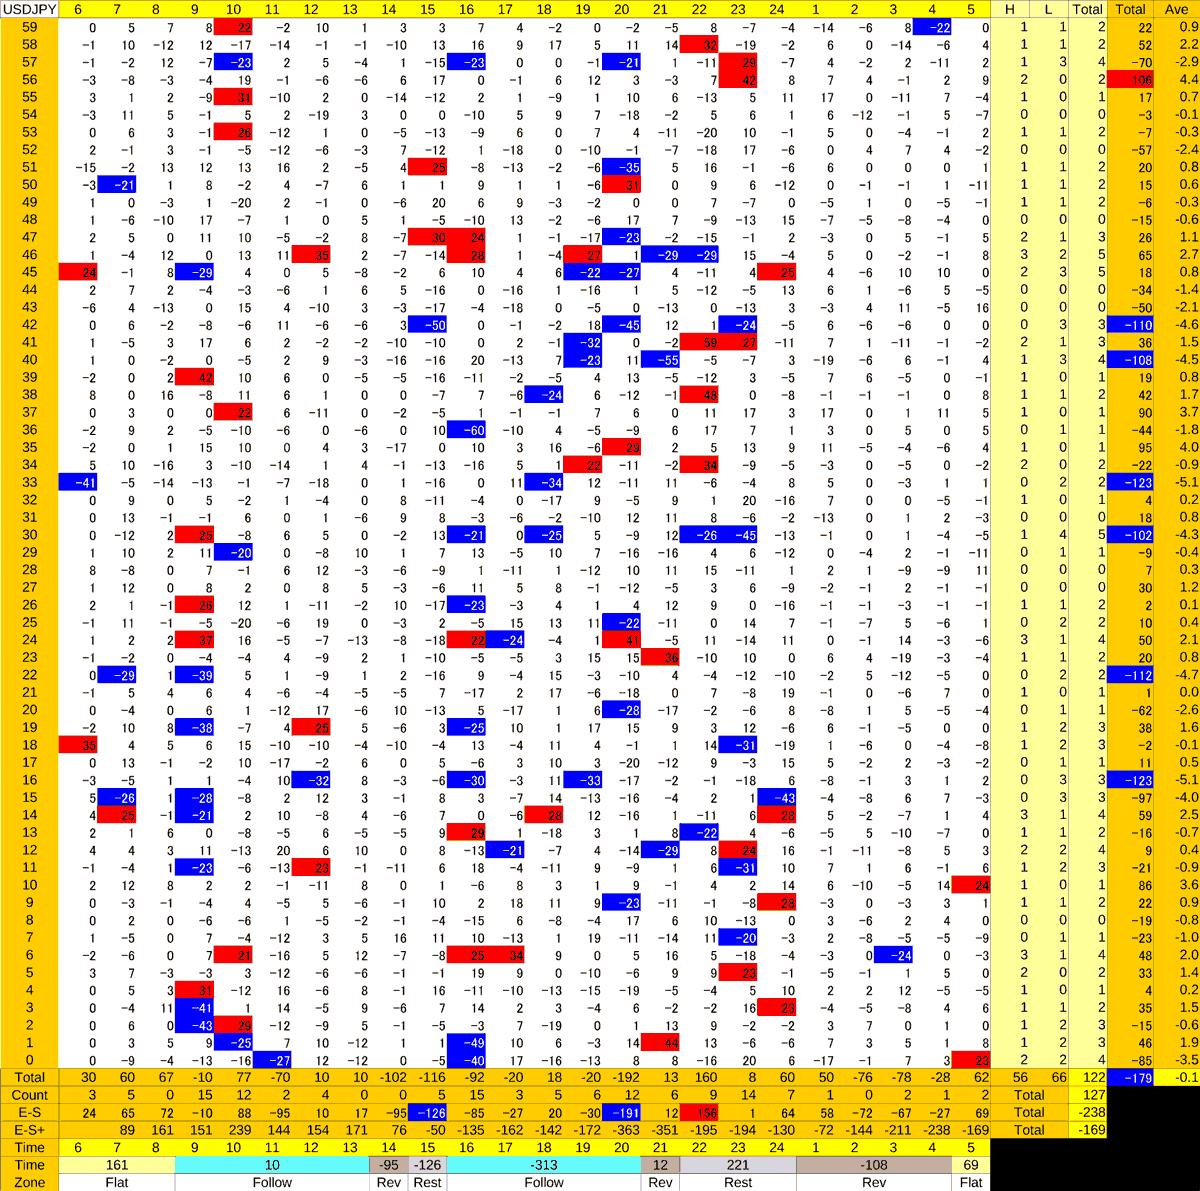 20200917_HS(1)USDJPY